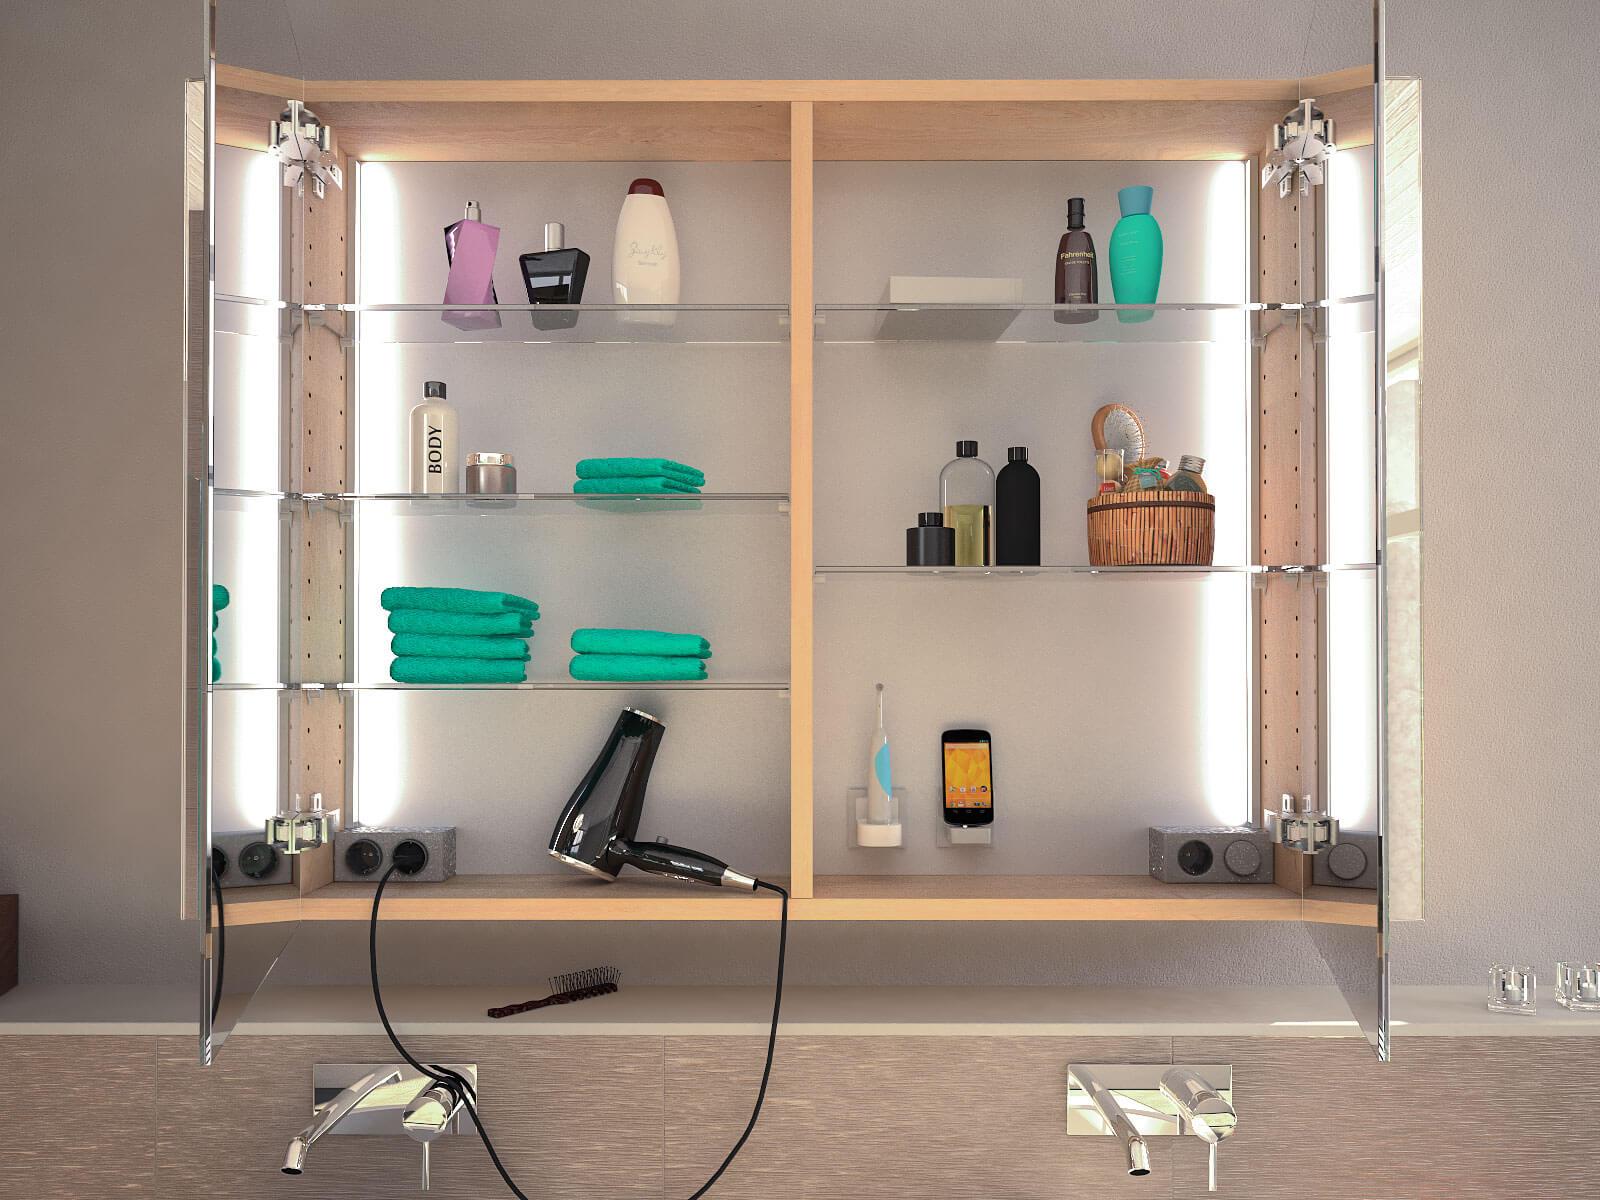 Spiegelschrank Furs Bad Badspiegel Kaufen Badspiegel Shop Badspiegel Nach Mass